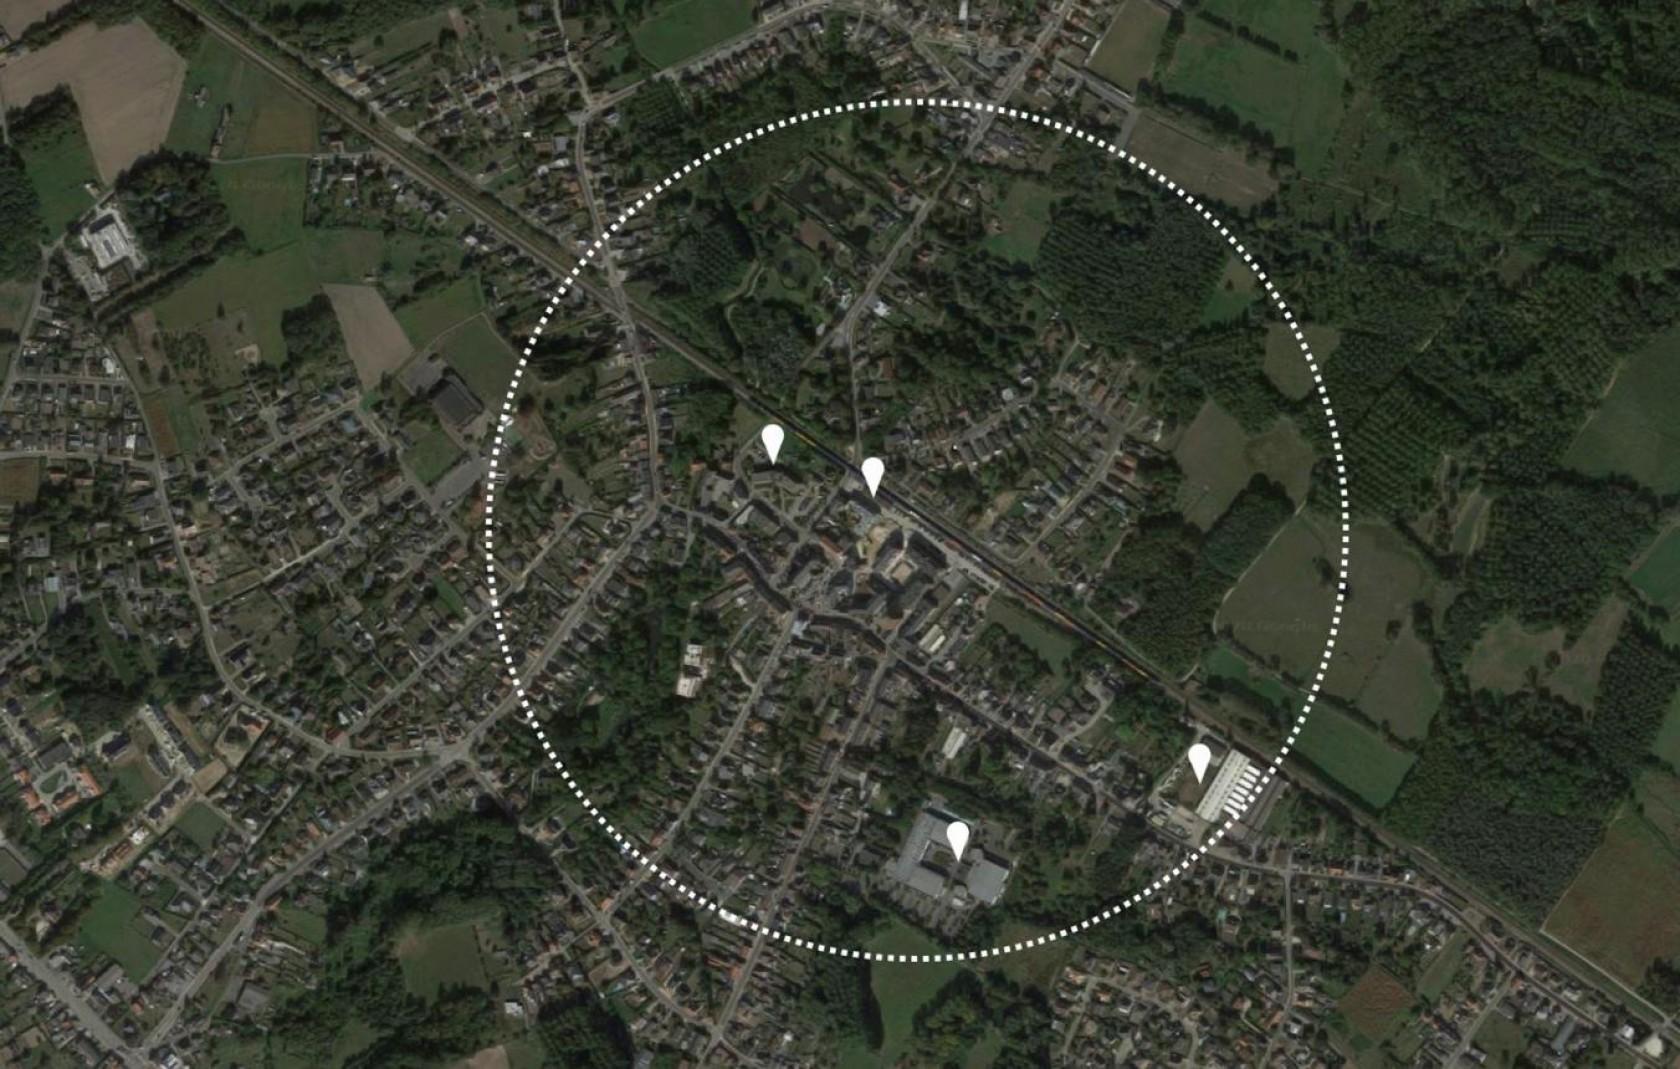 Abscis Architecten - locatieplan centrum Boortmeerbeek - beeld (c) Team Vlaams Bouwmeester